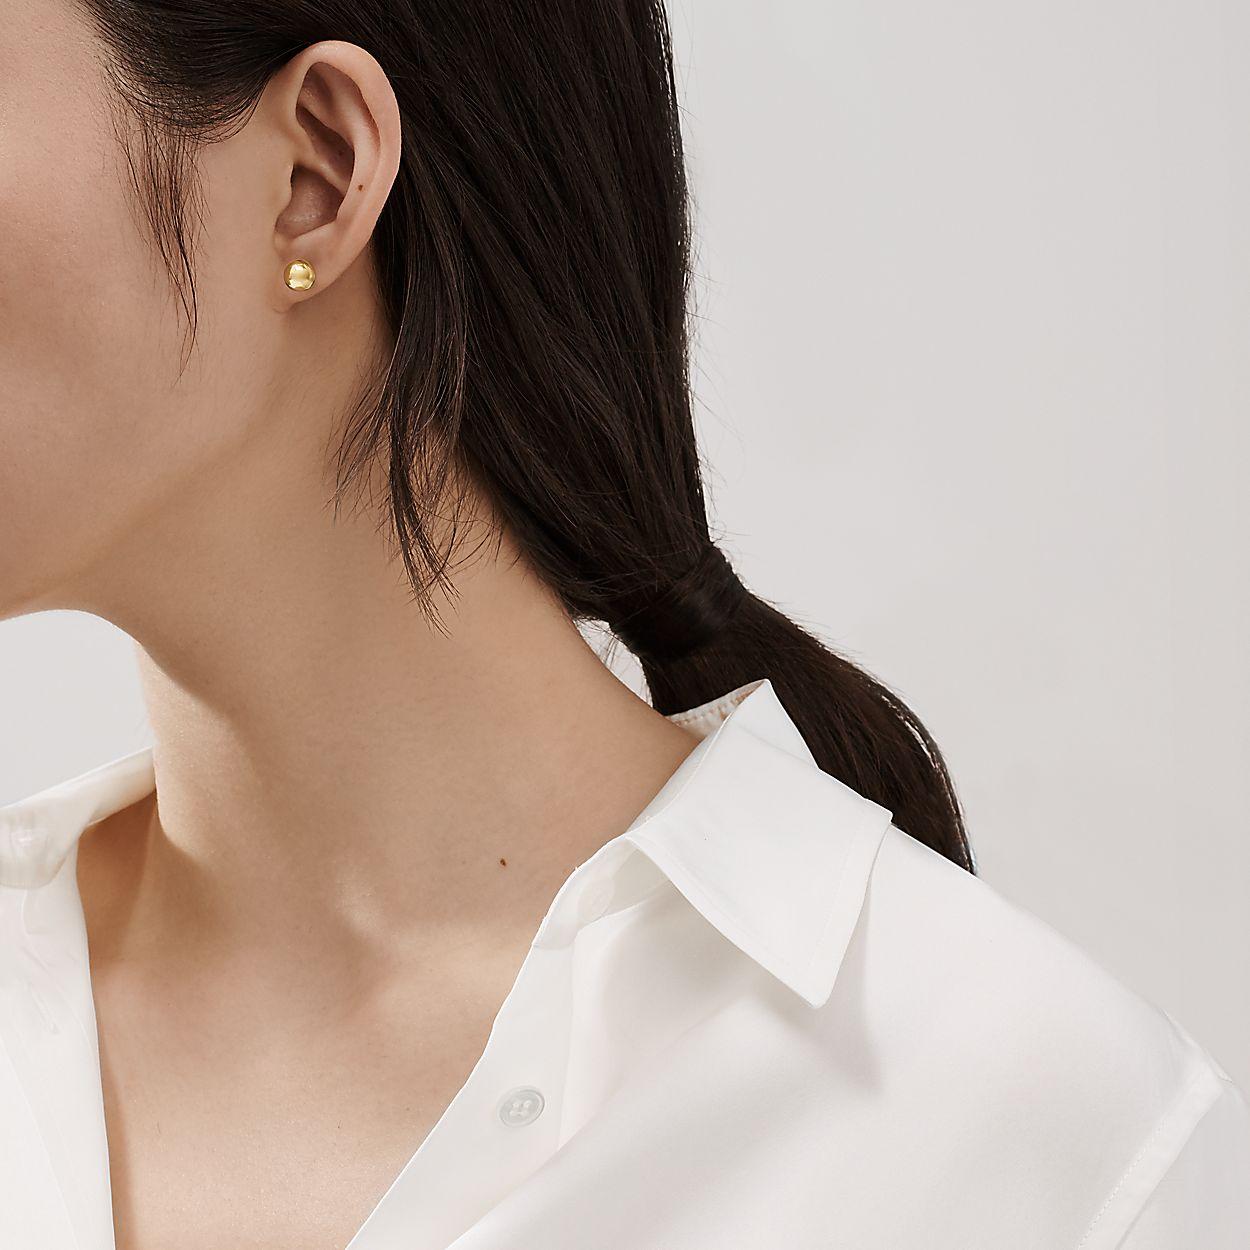 Tiffany Hardwear Ball Earrings In 18k